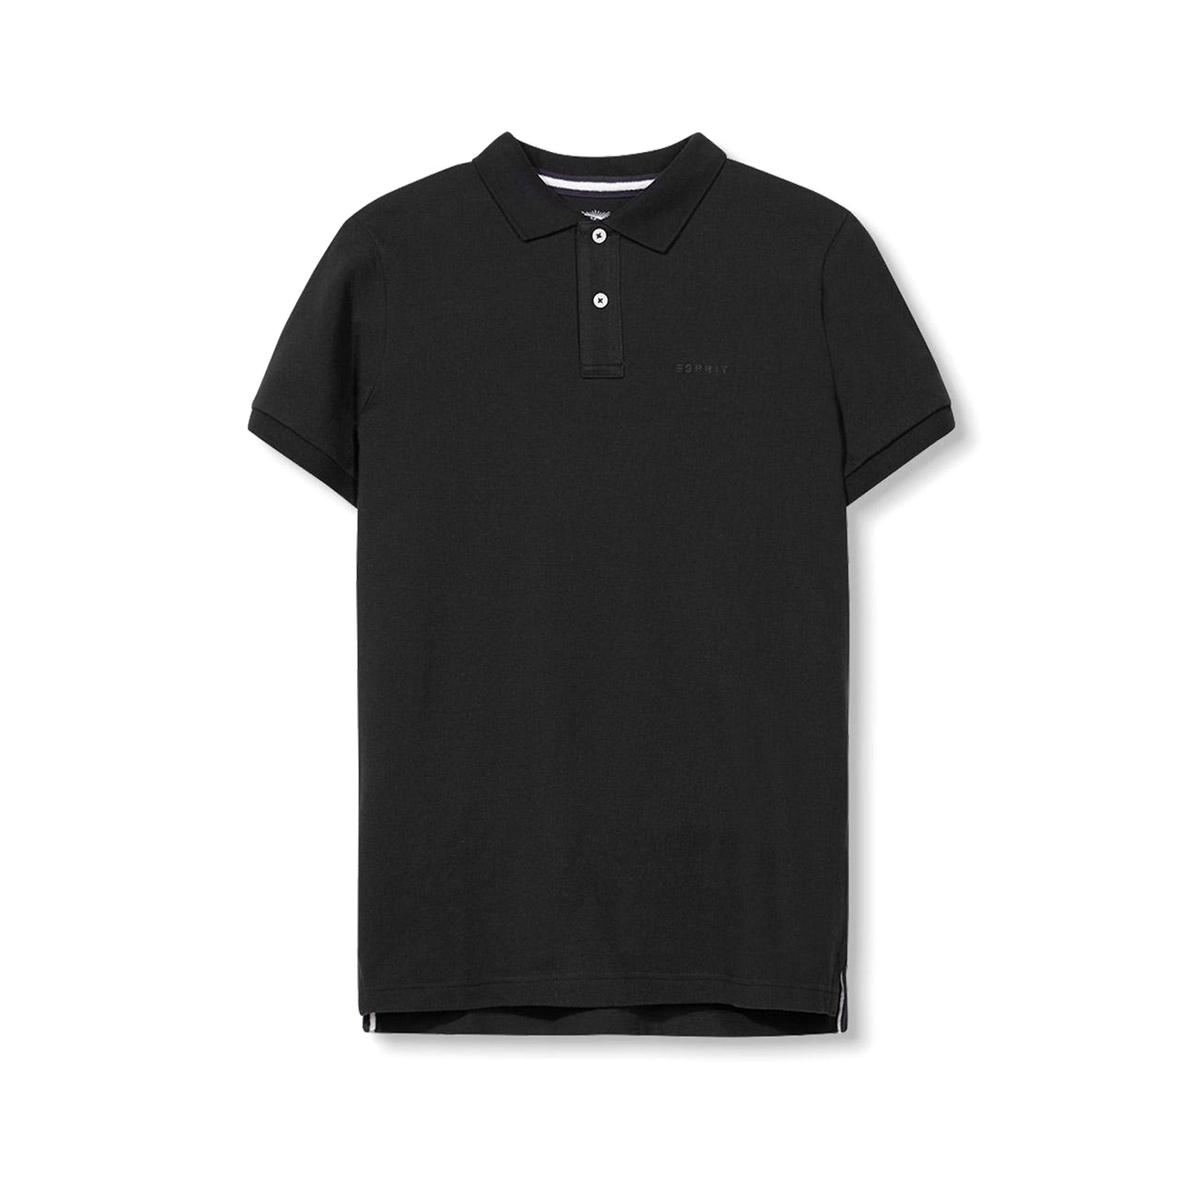 Футболка-поло с короткими рукавами футболка мужская esprit 025ee2k027c 15 259